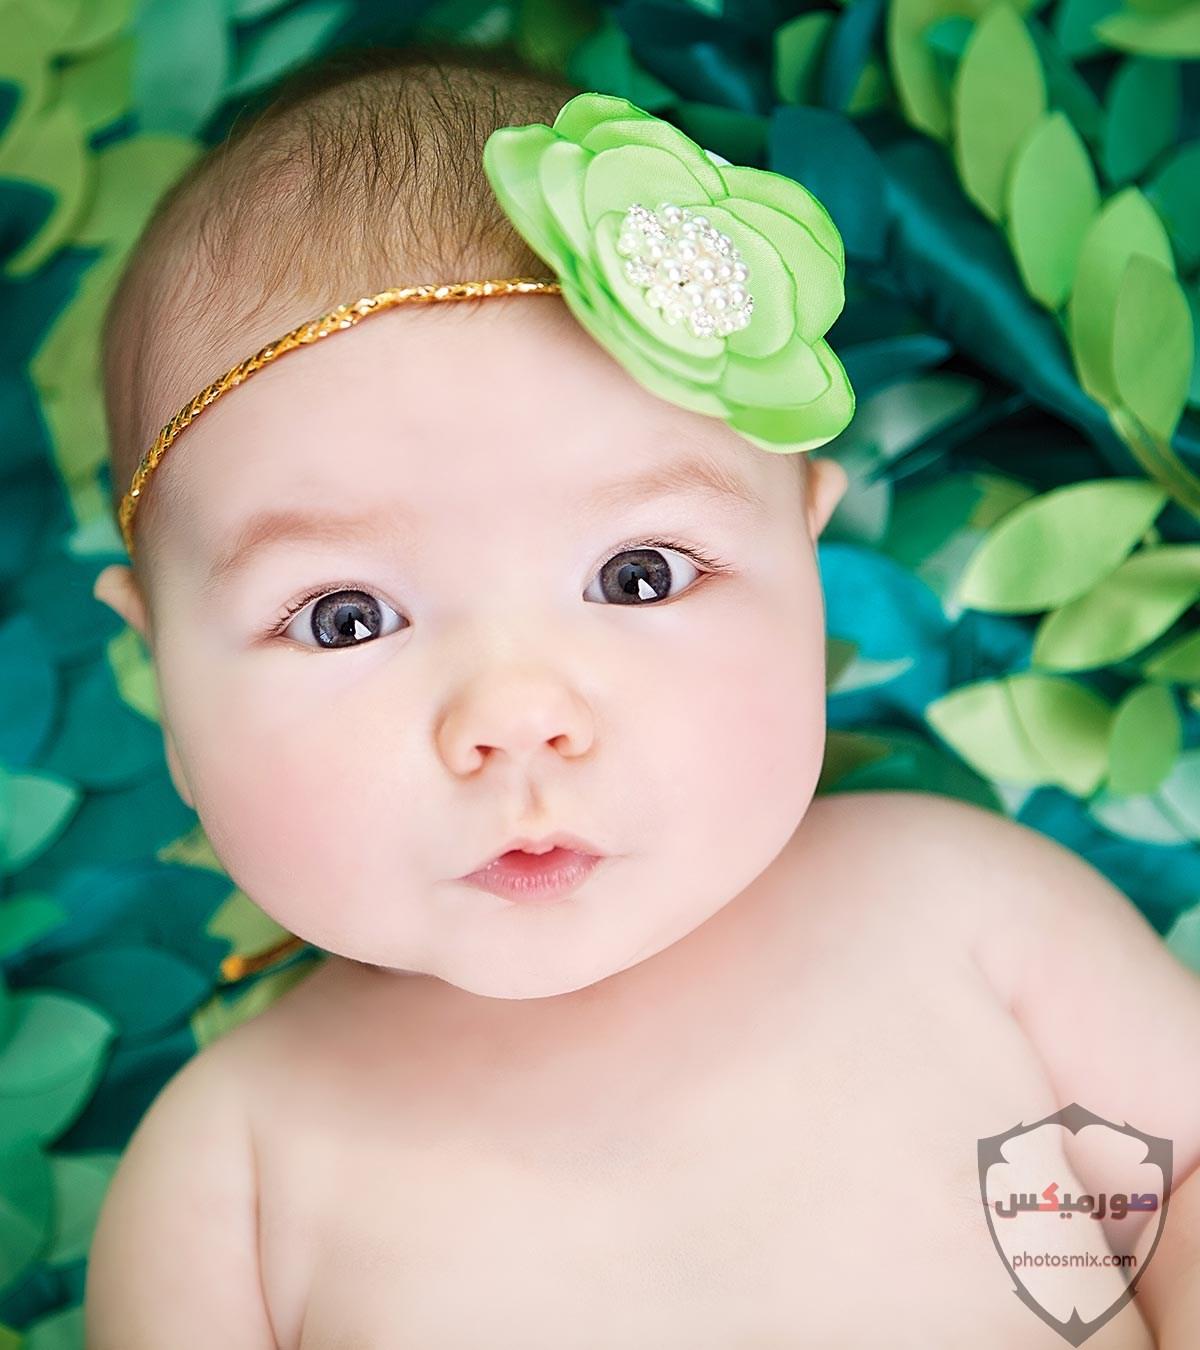 صور اطفال 2021 تحميل اكثر من 100 صور اطفال جميلة صور اطفال روعة 2020 75 1